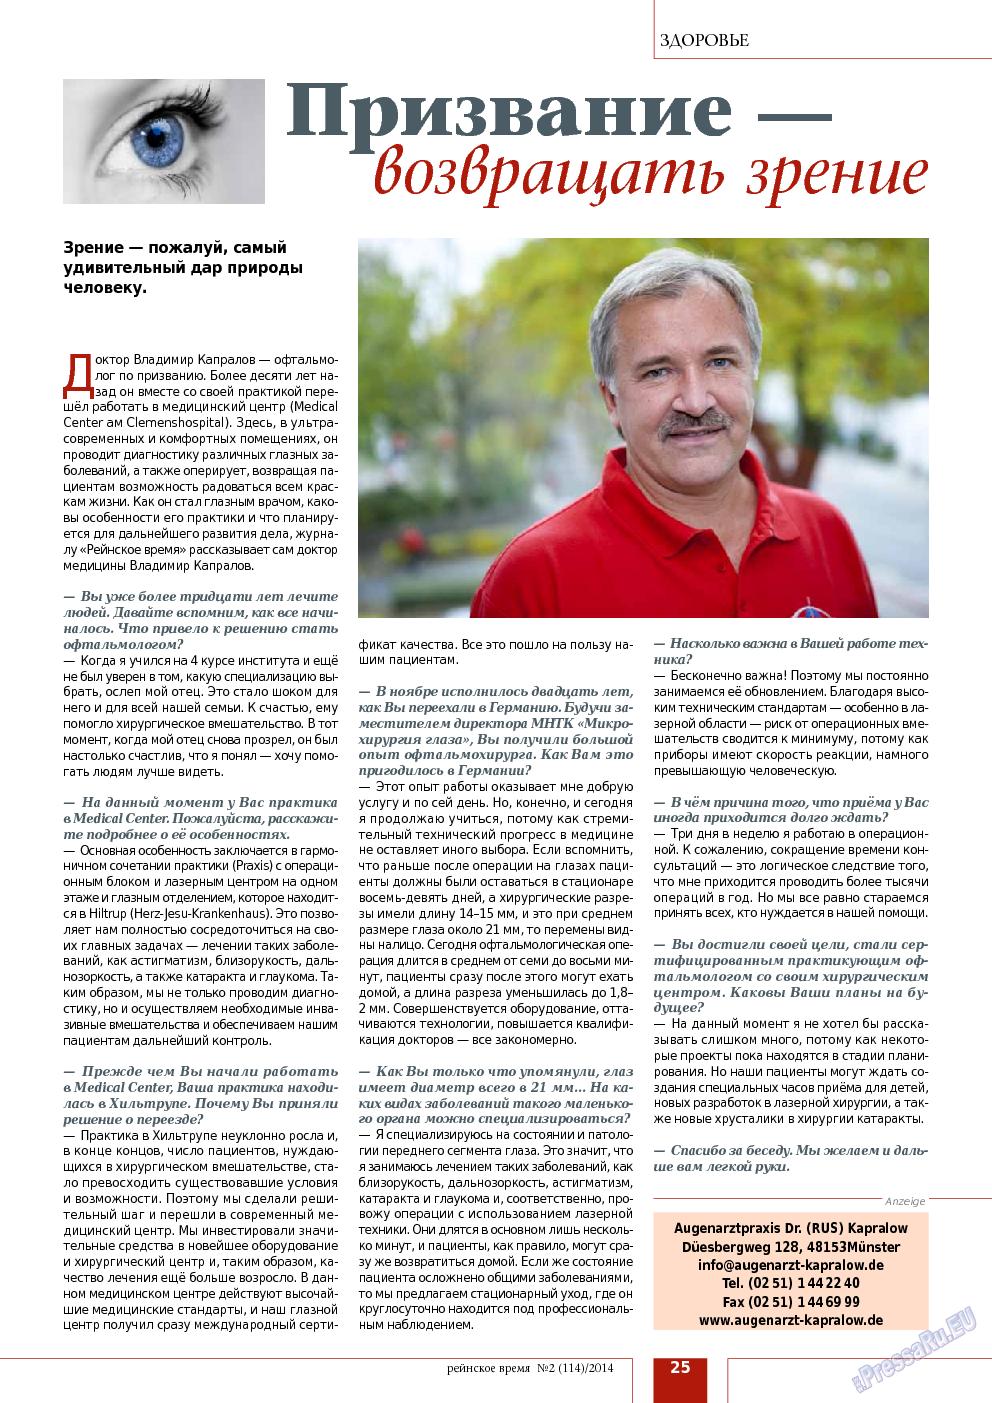 Рейнское время (журнал). 2014 год, номер 2, стр. 25